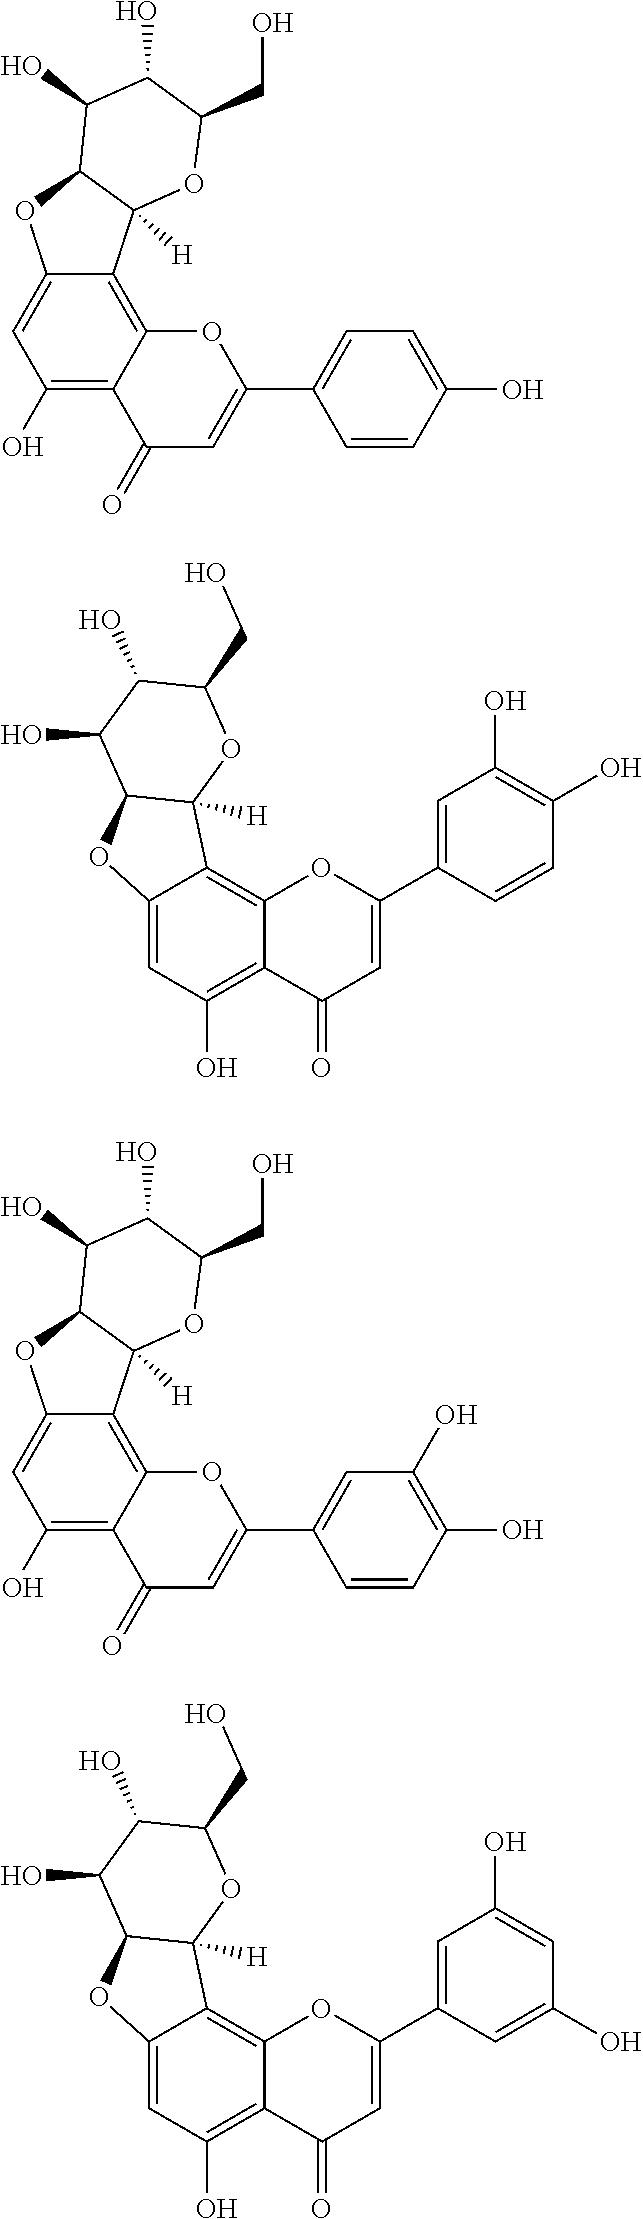 Figure US09962344-20180508-C00089